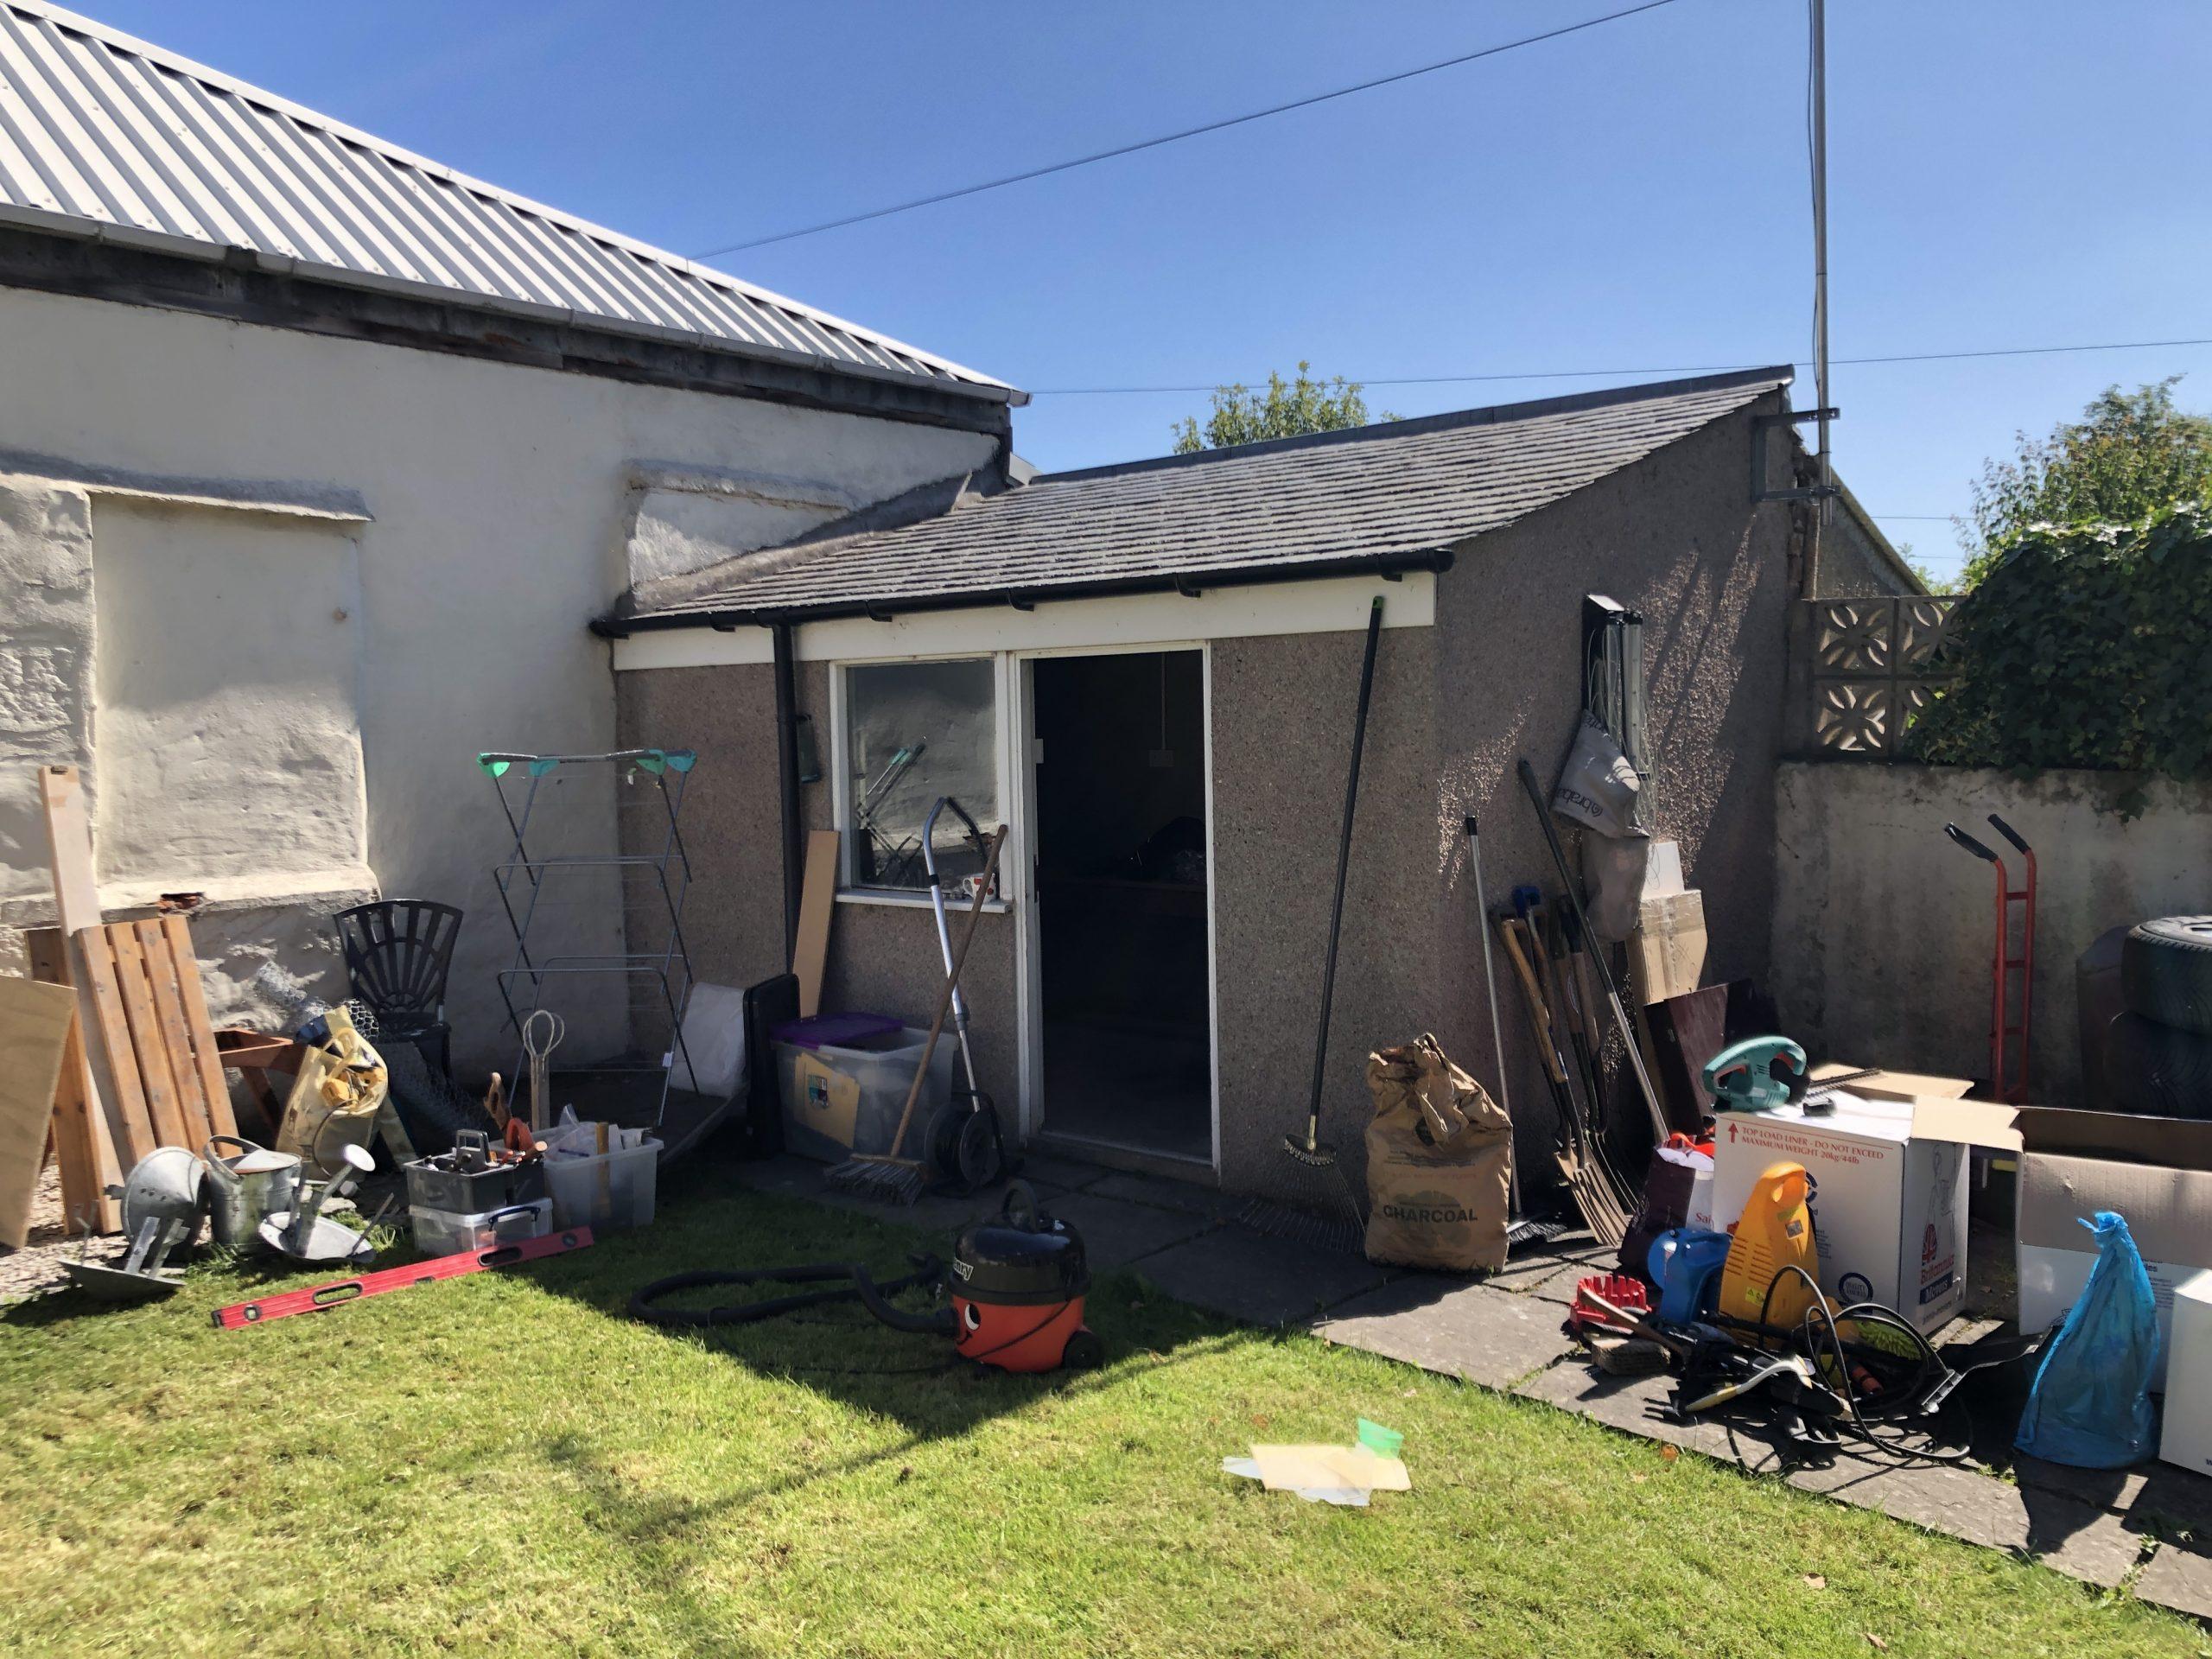 Zoe Wilson moving into her new workshop in her garden